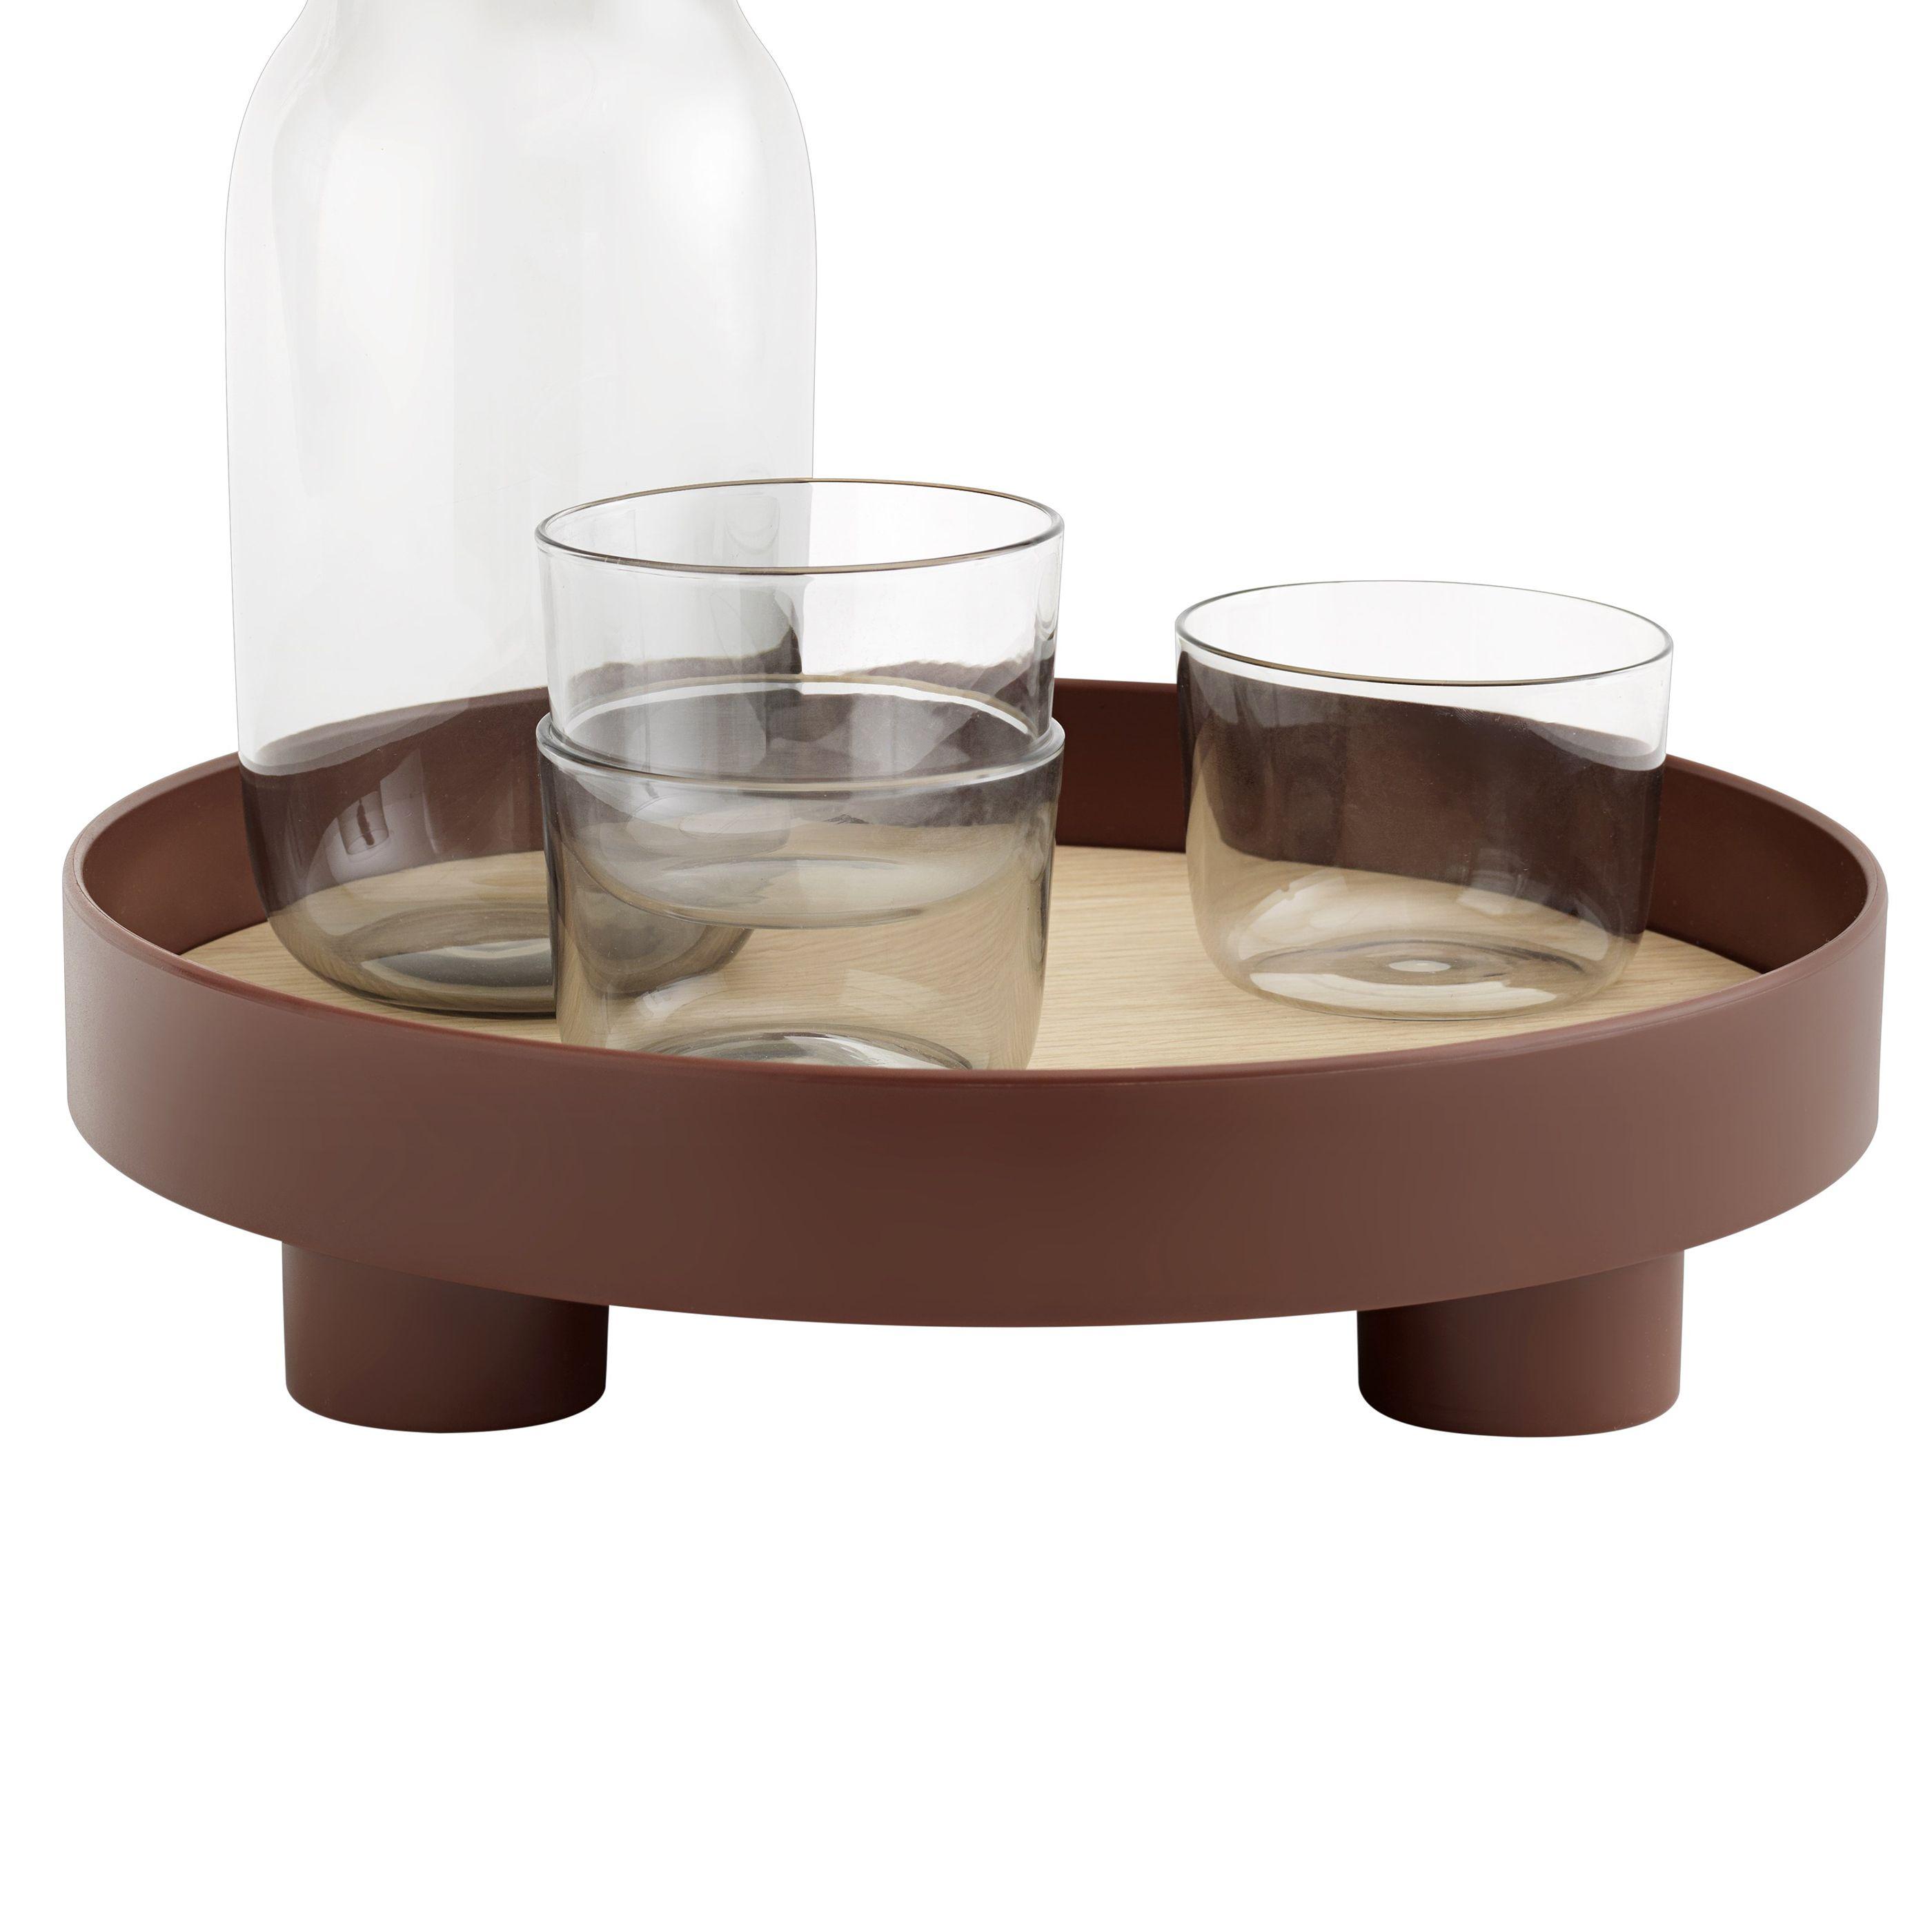 Flinders voor meer dan designproducten die passen bij jouw interieur muuto platform - Keuken platform ...